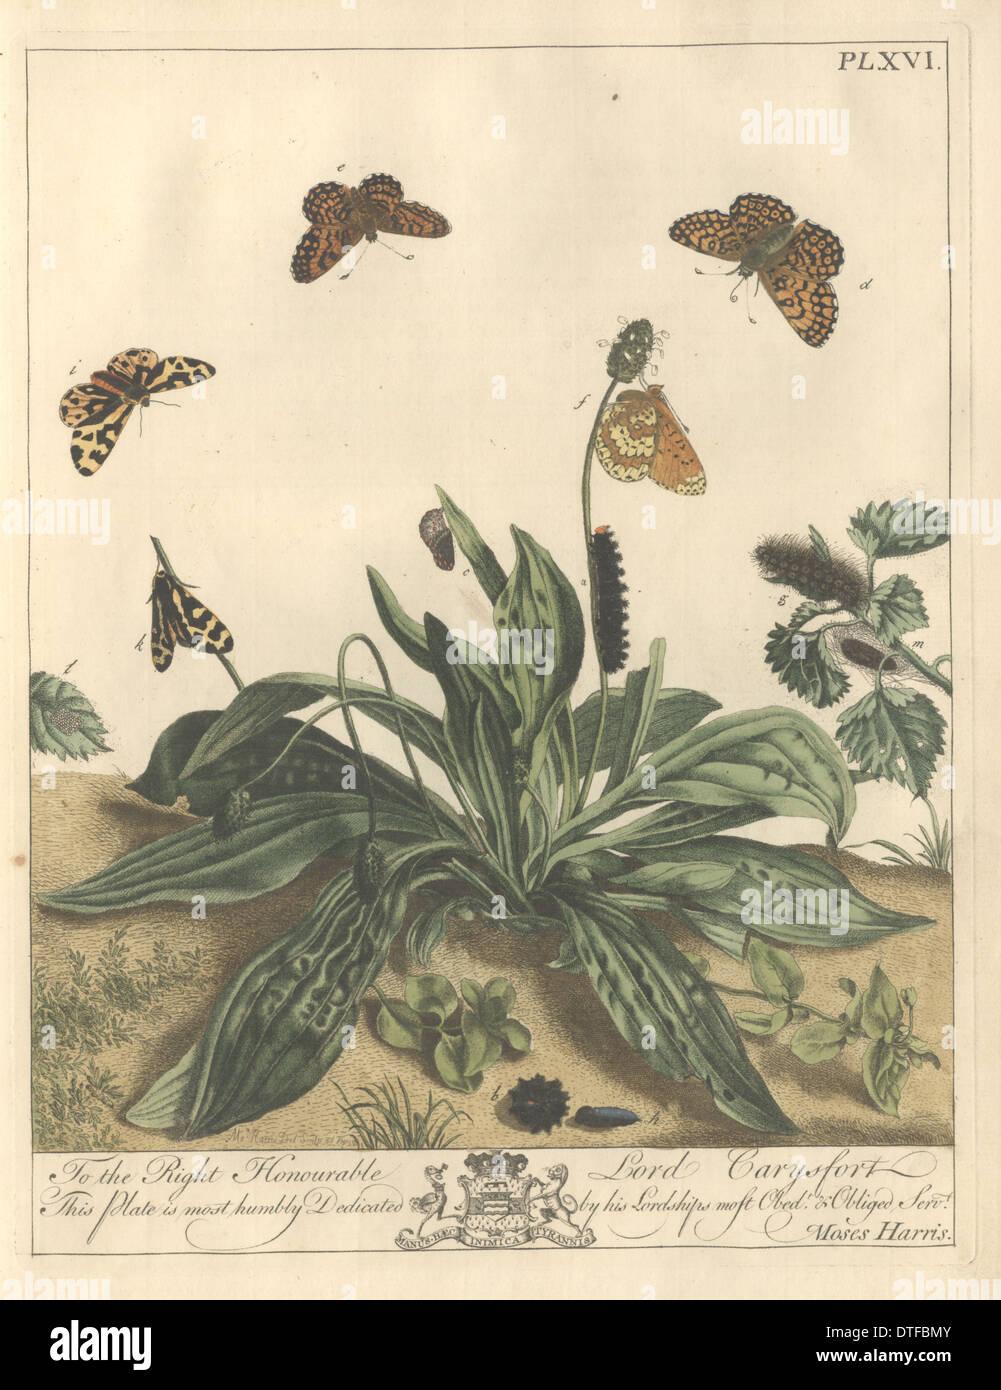 Plate XVI, The Glanvil Fritillaria - Stock Image